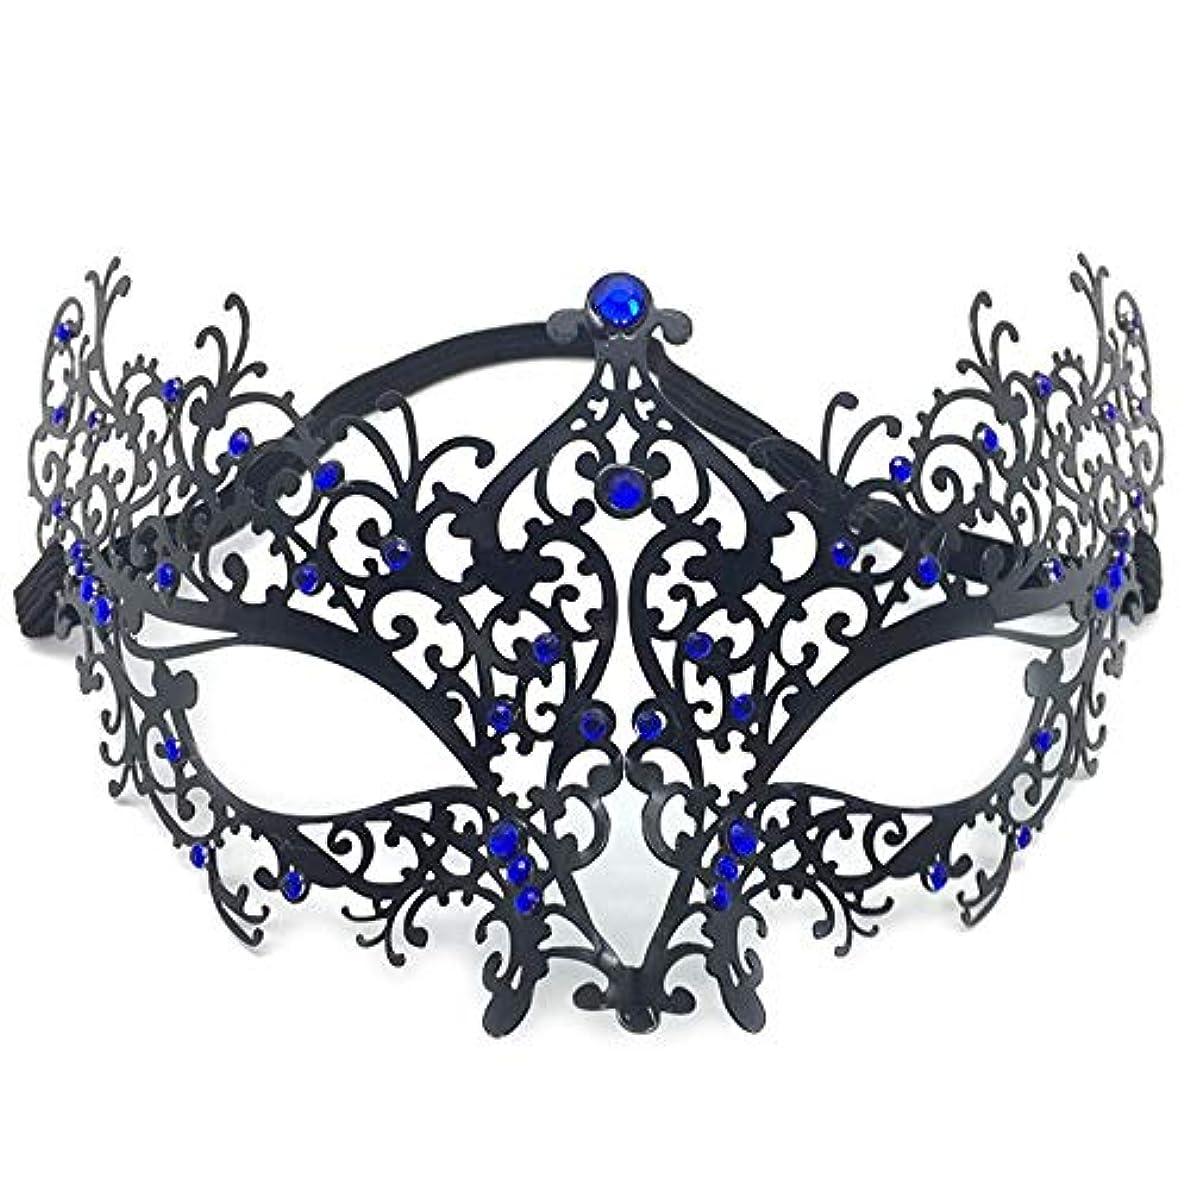 アルコール徹底的に荒野ハロウィーンマスク仮装アイアンマスクパーティードレスアップメタルダイヤモンドハーフフェイスマスク (Color : RED)